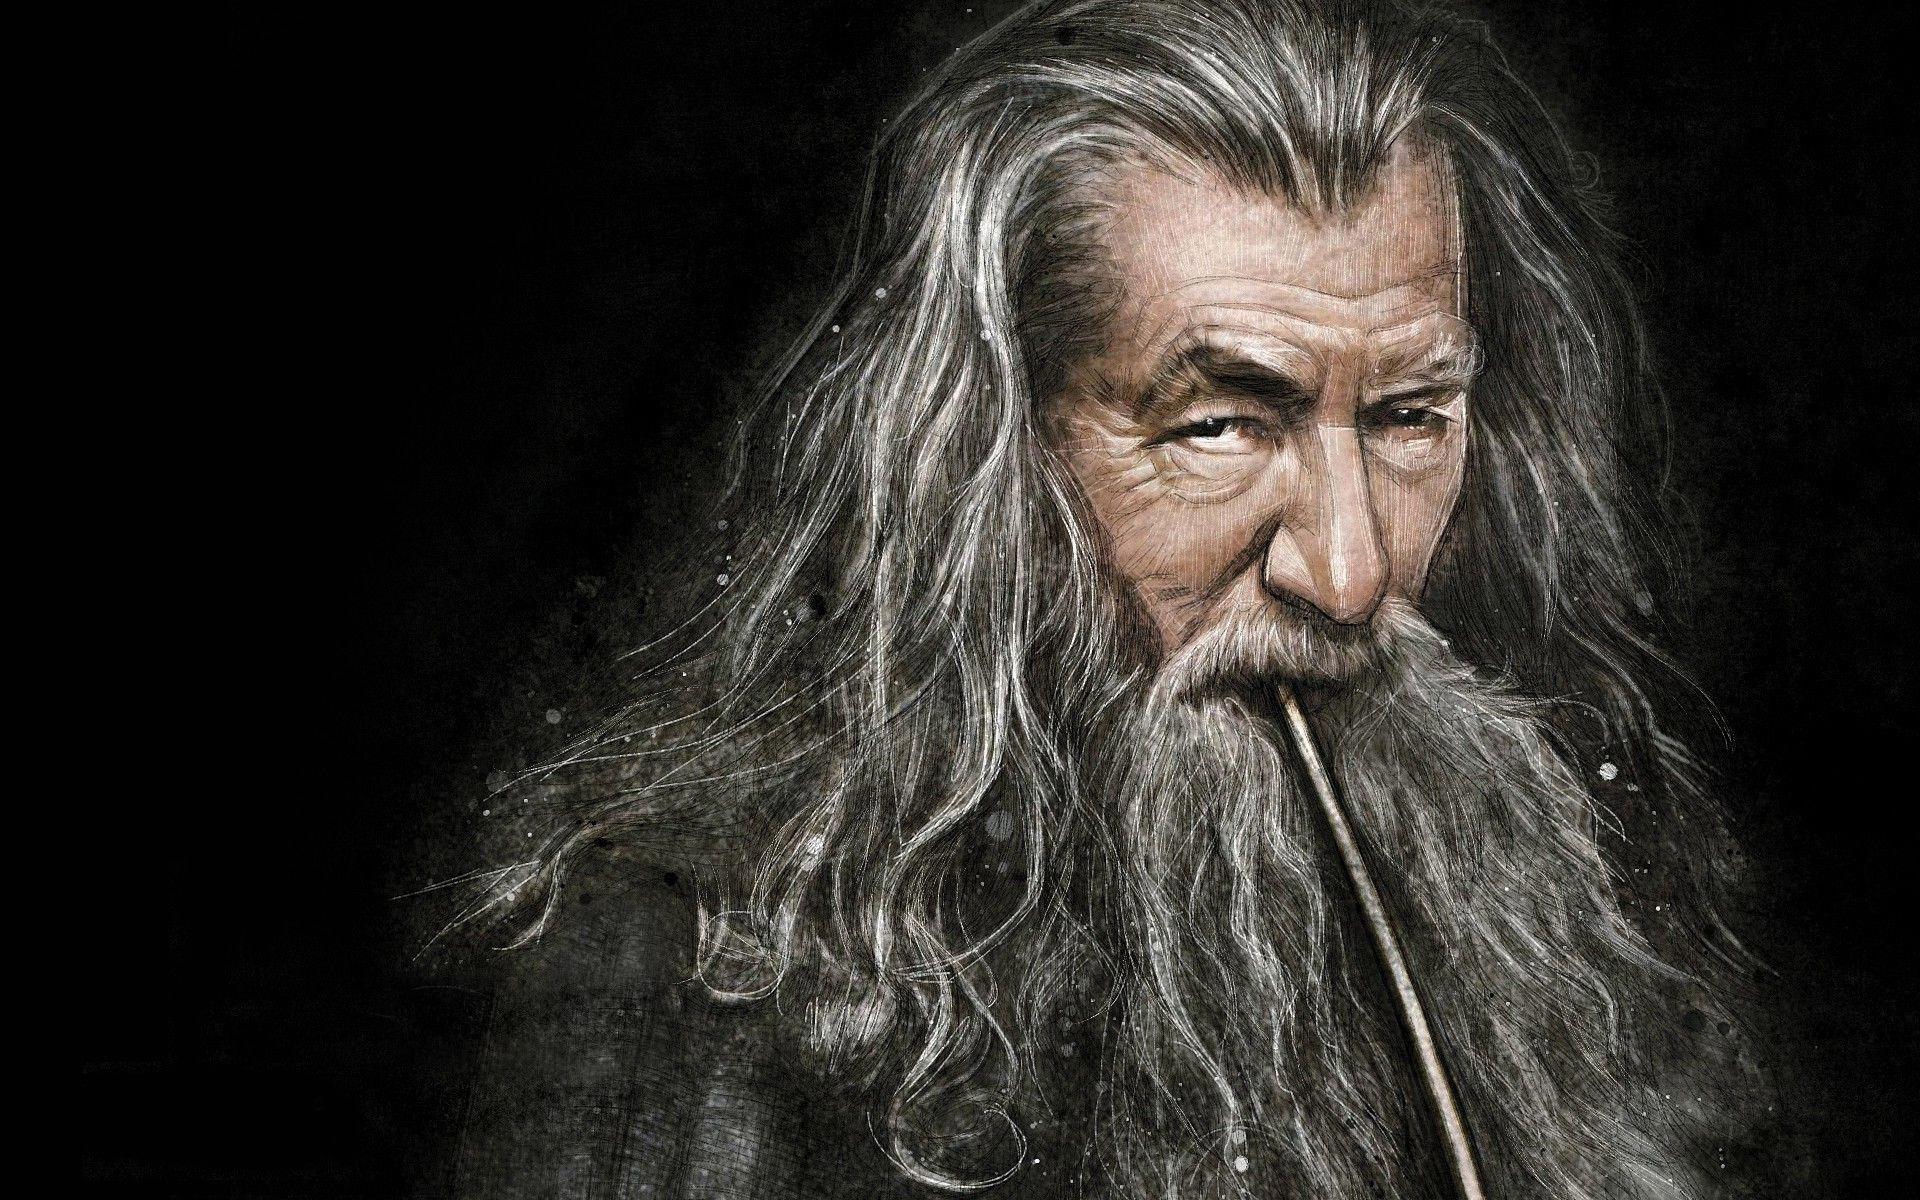 Fasten your seatbelts and prepare for Gandalf.